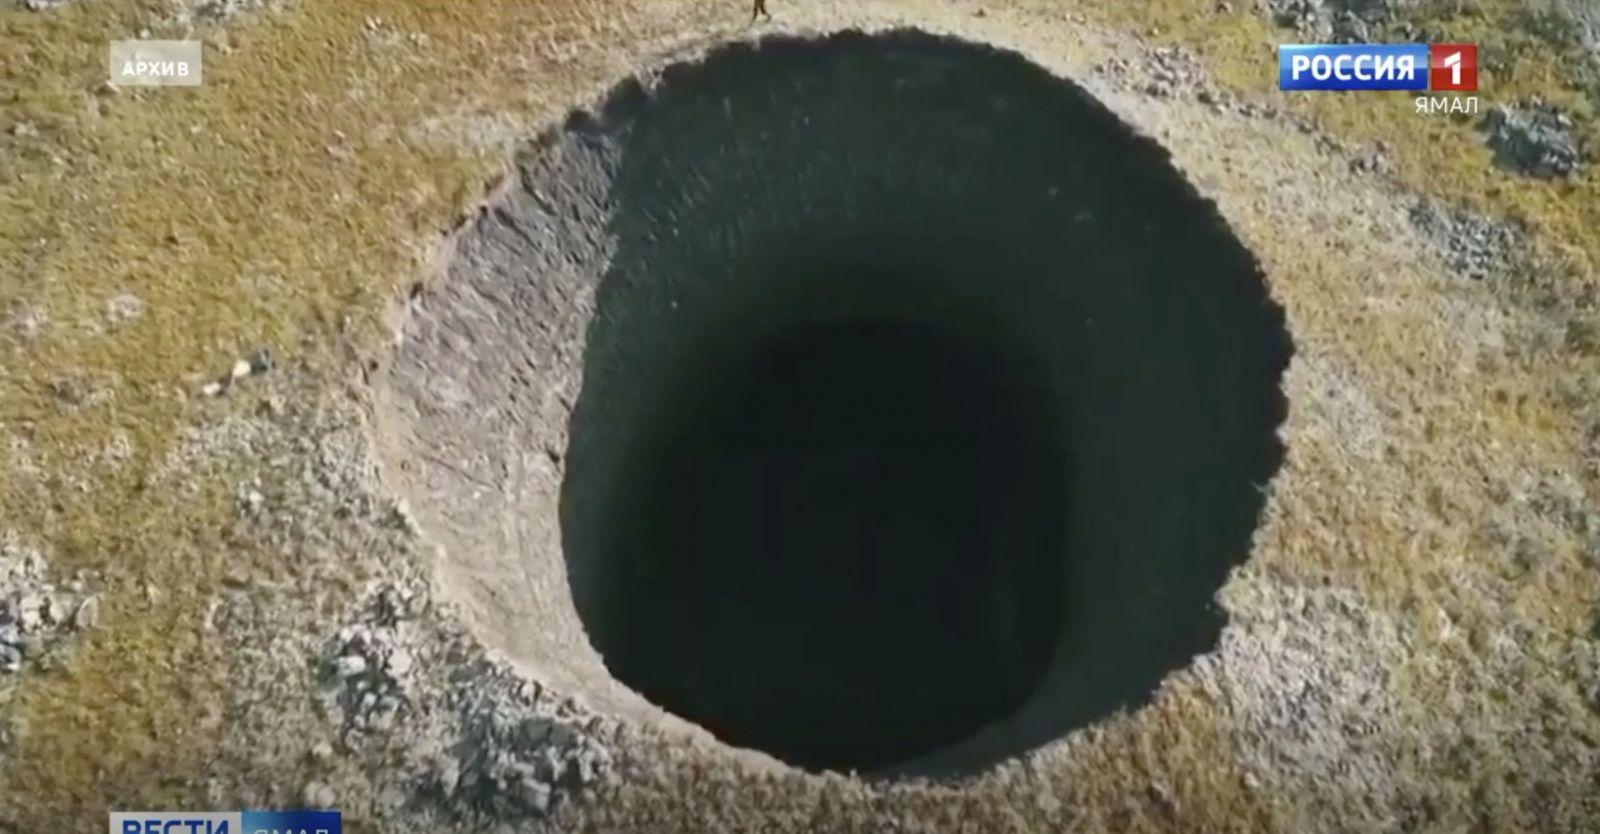 V ruskej arktickej tundre sa po výbuchu vytvára gigantický 50 metrov hlboký kráter